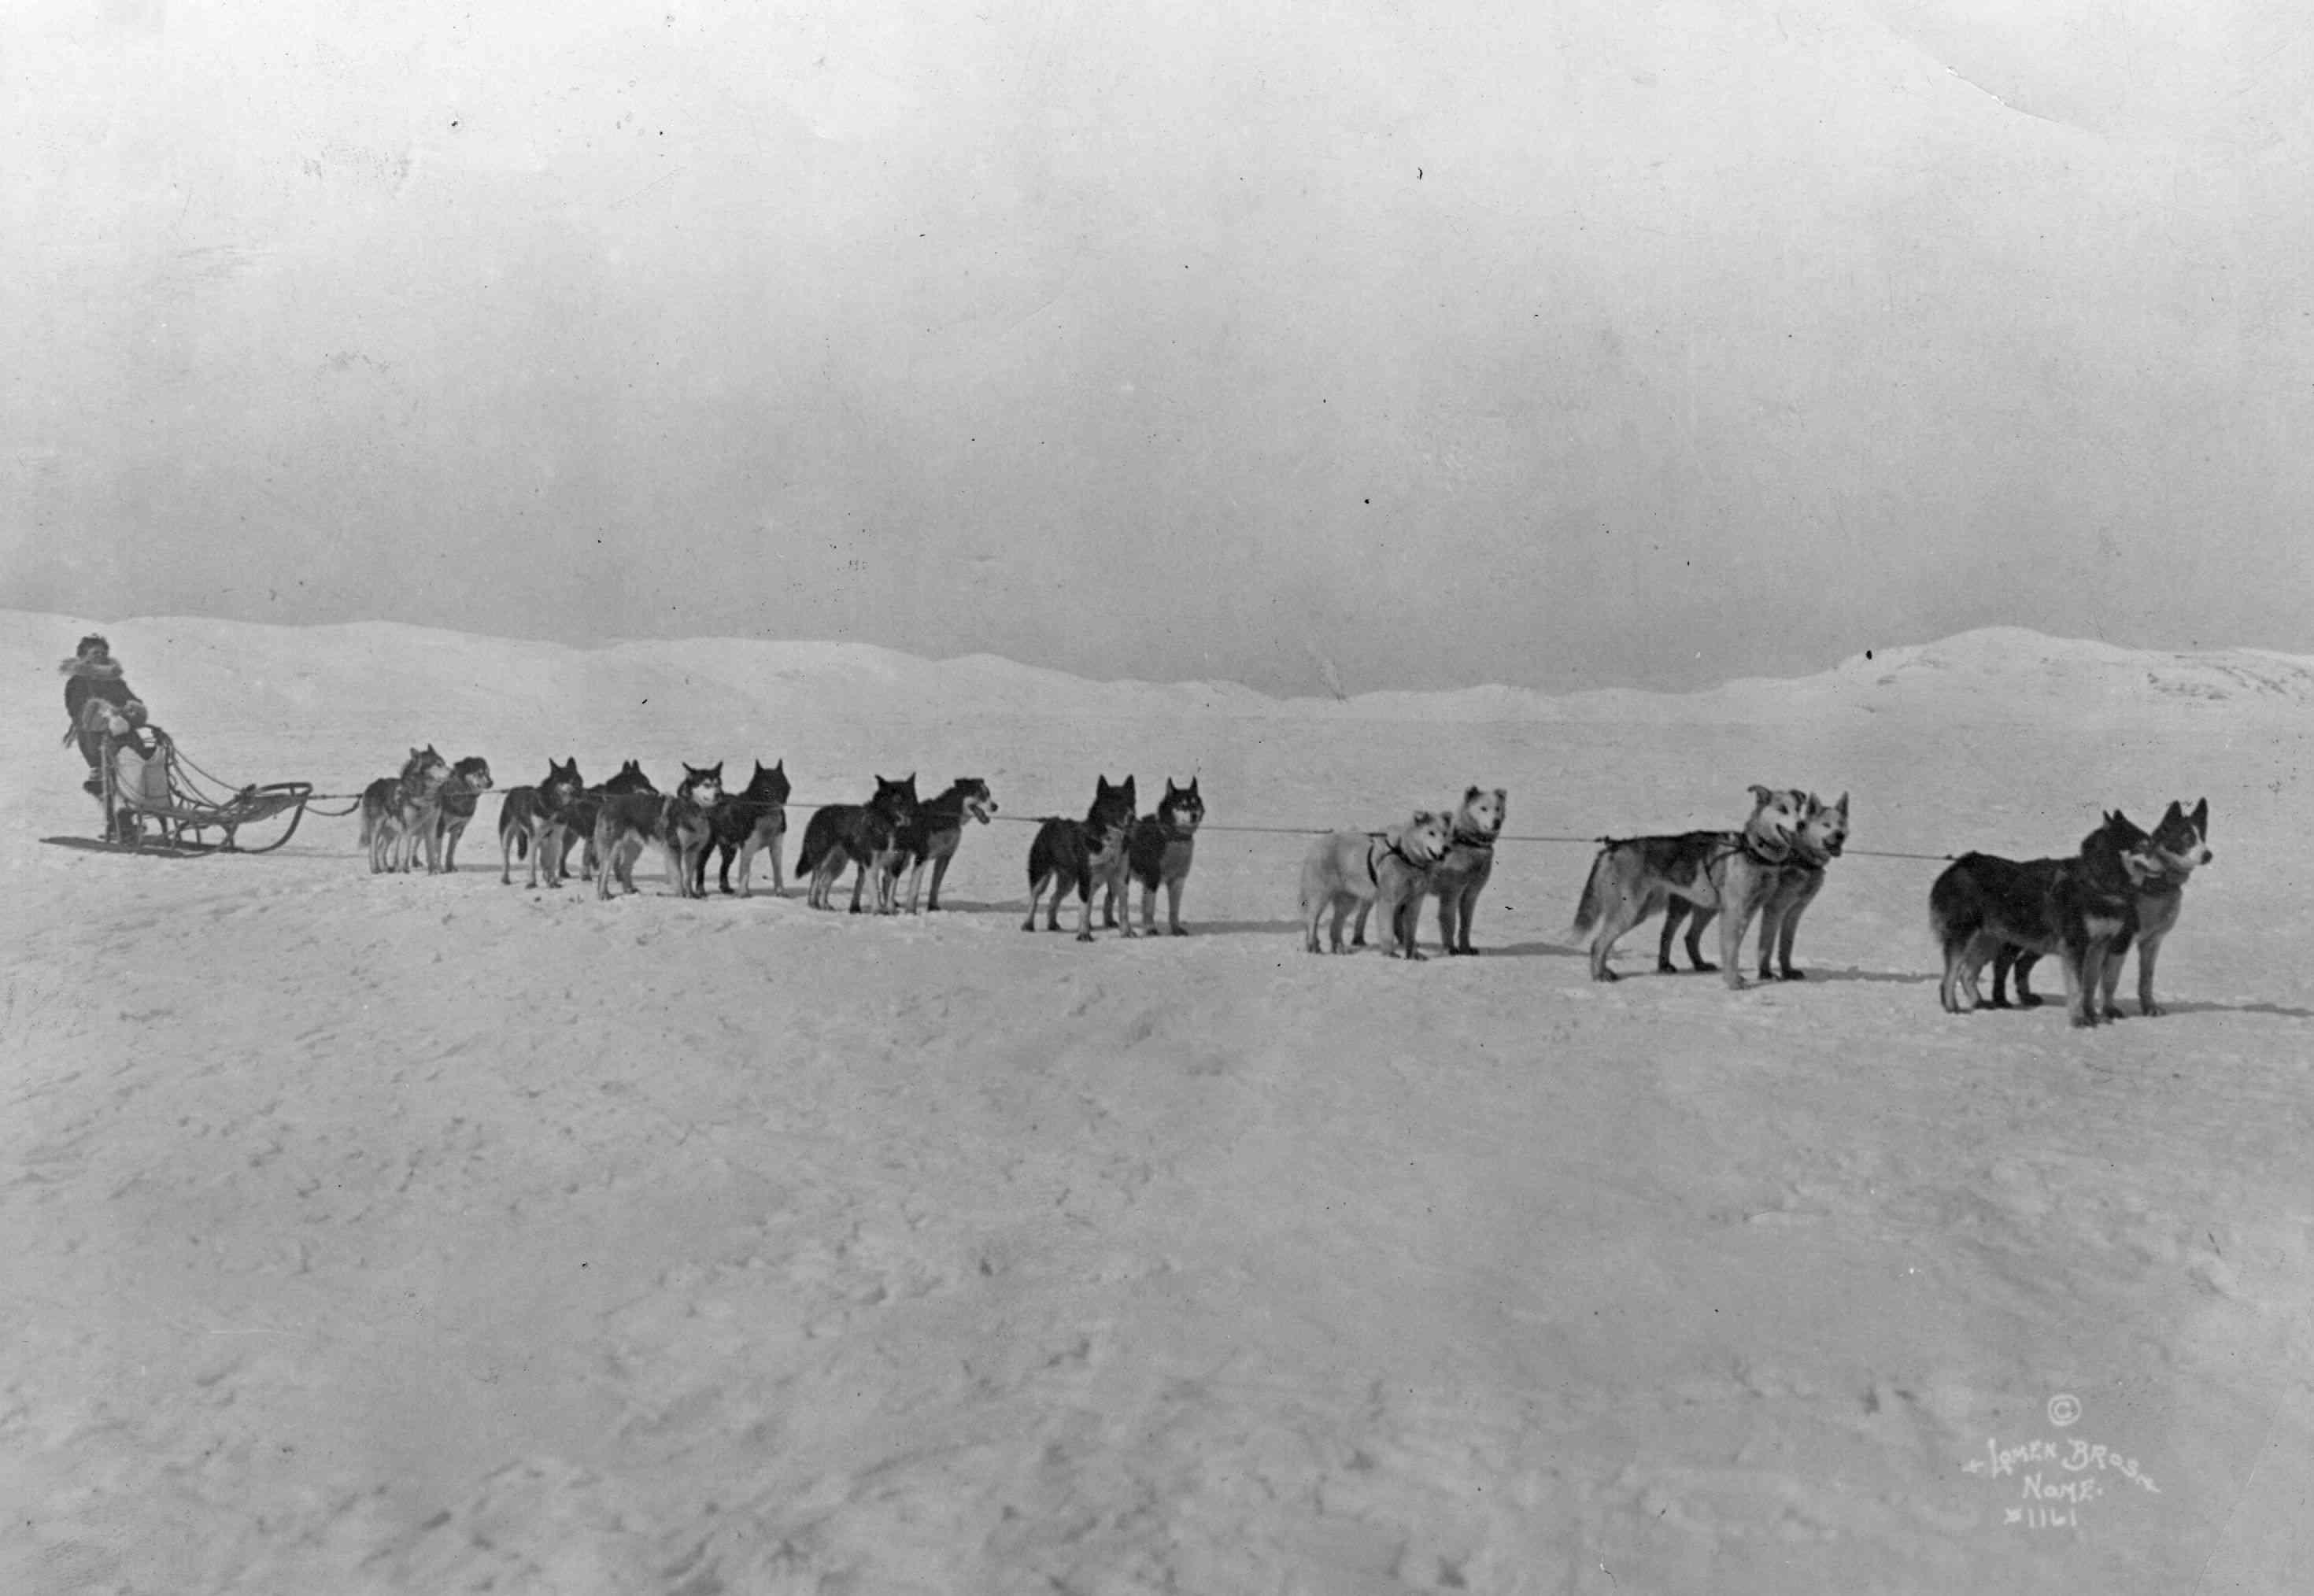 Leionhard Seppala y sus corredores siberianos, los perros de trineo Inuit del noroeste, en la primera fotografía de la partida de Amundsen hacia el Polo Norte.